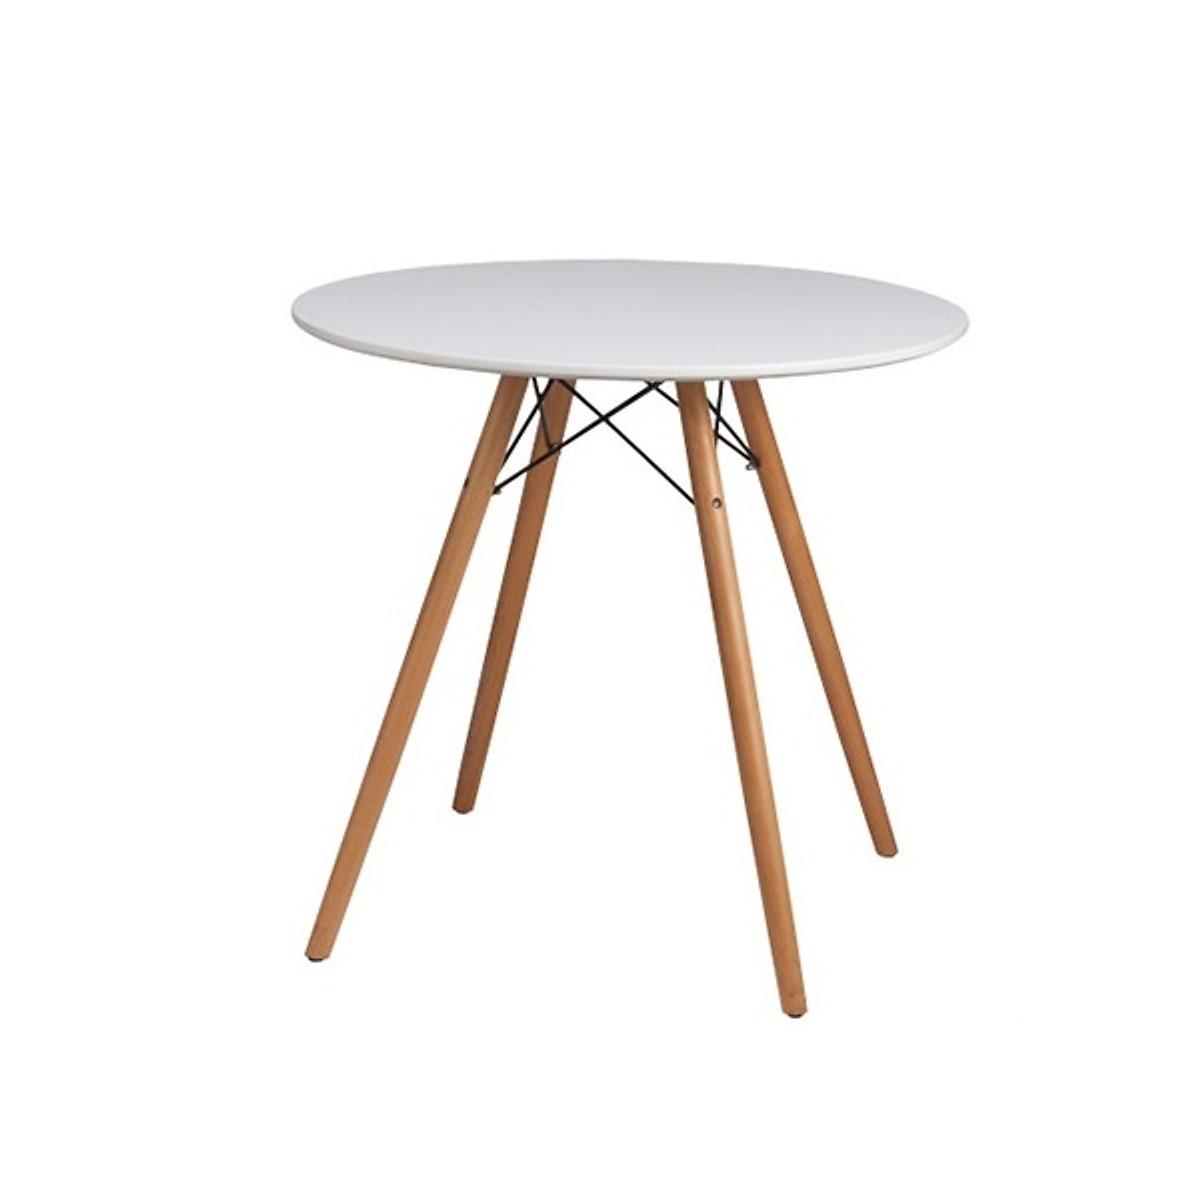 Bàn cafe nhựa tròn chân gỗ TH01